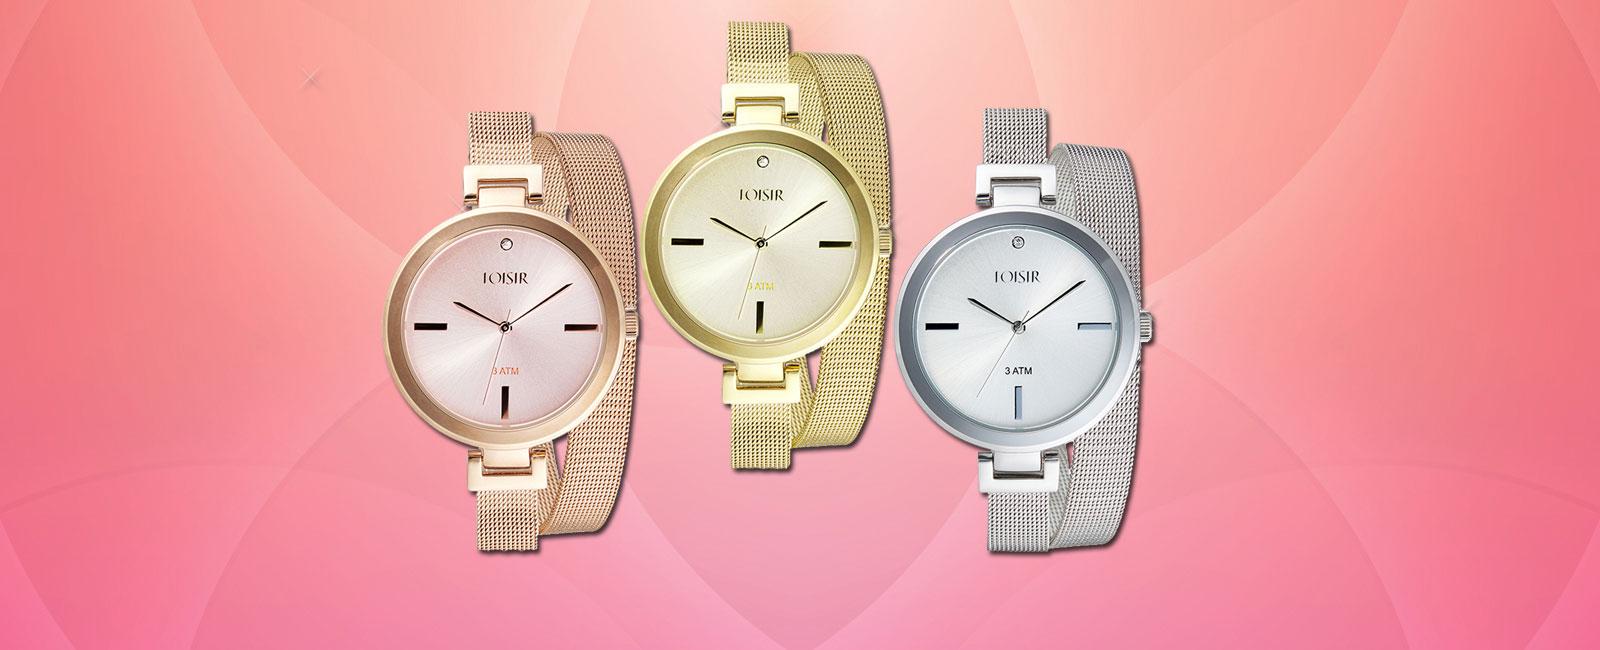 Watches - Loisir